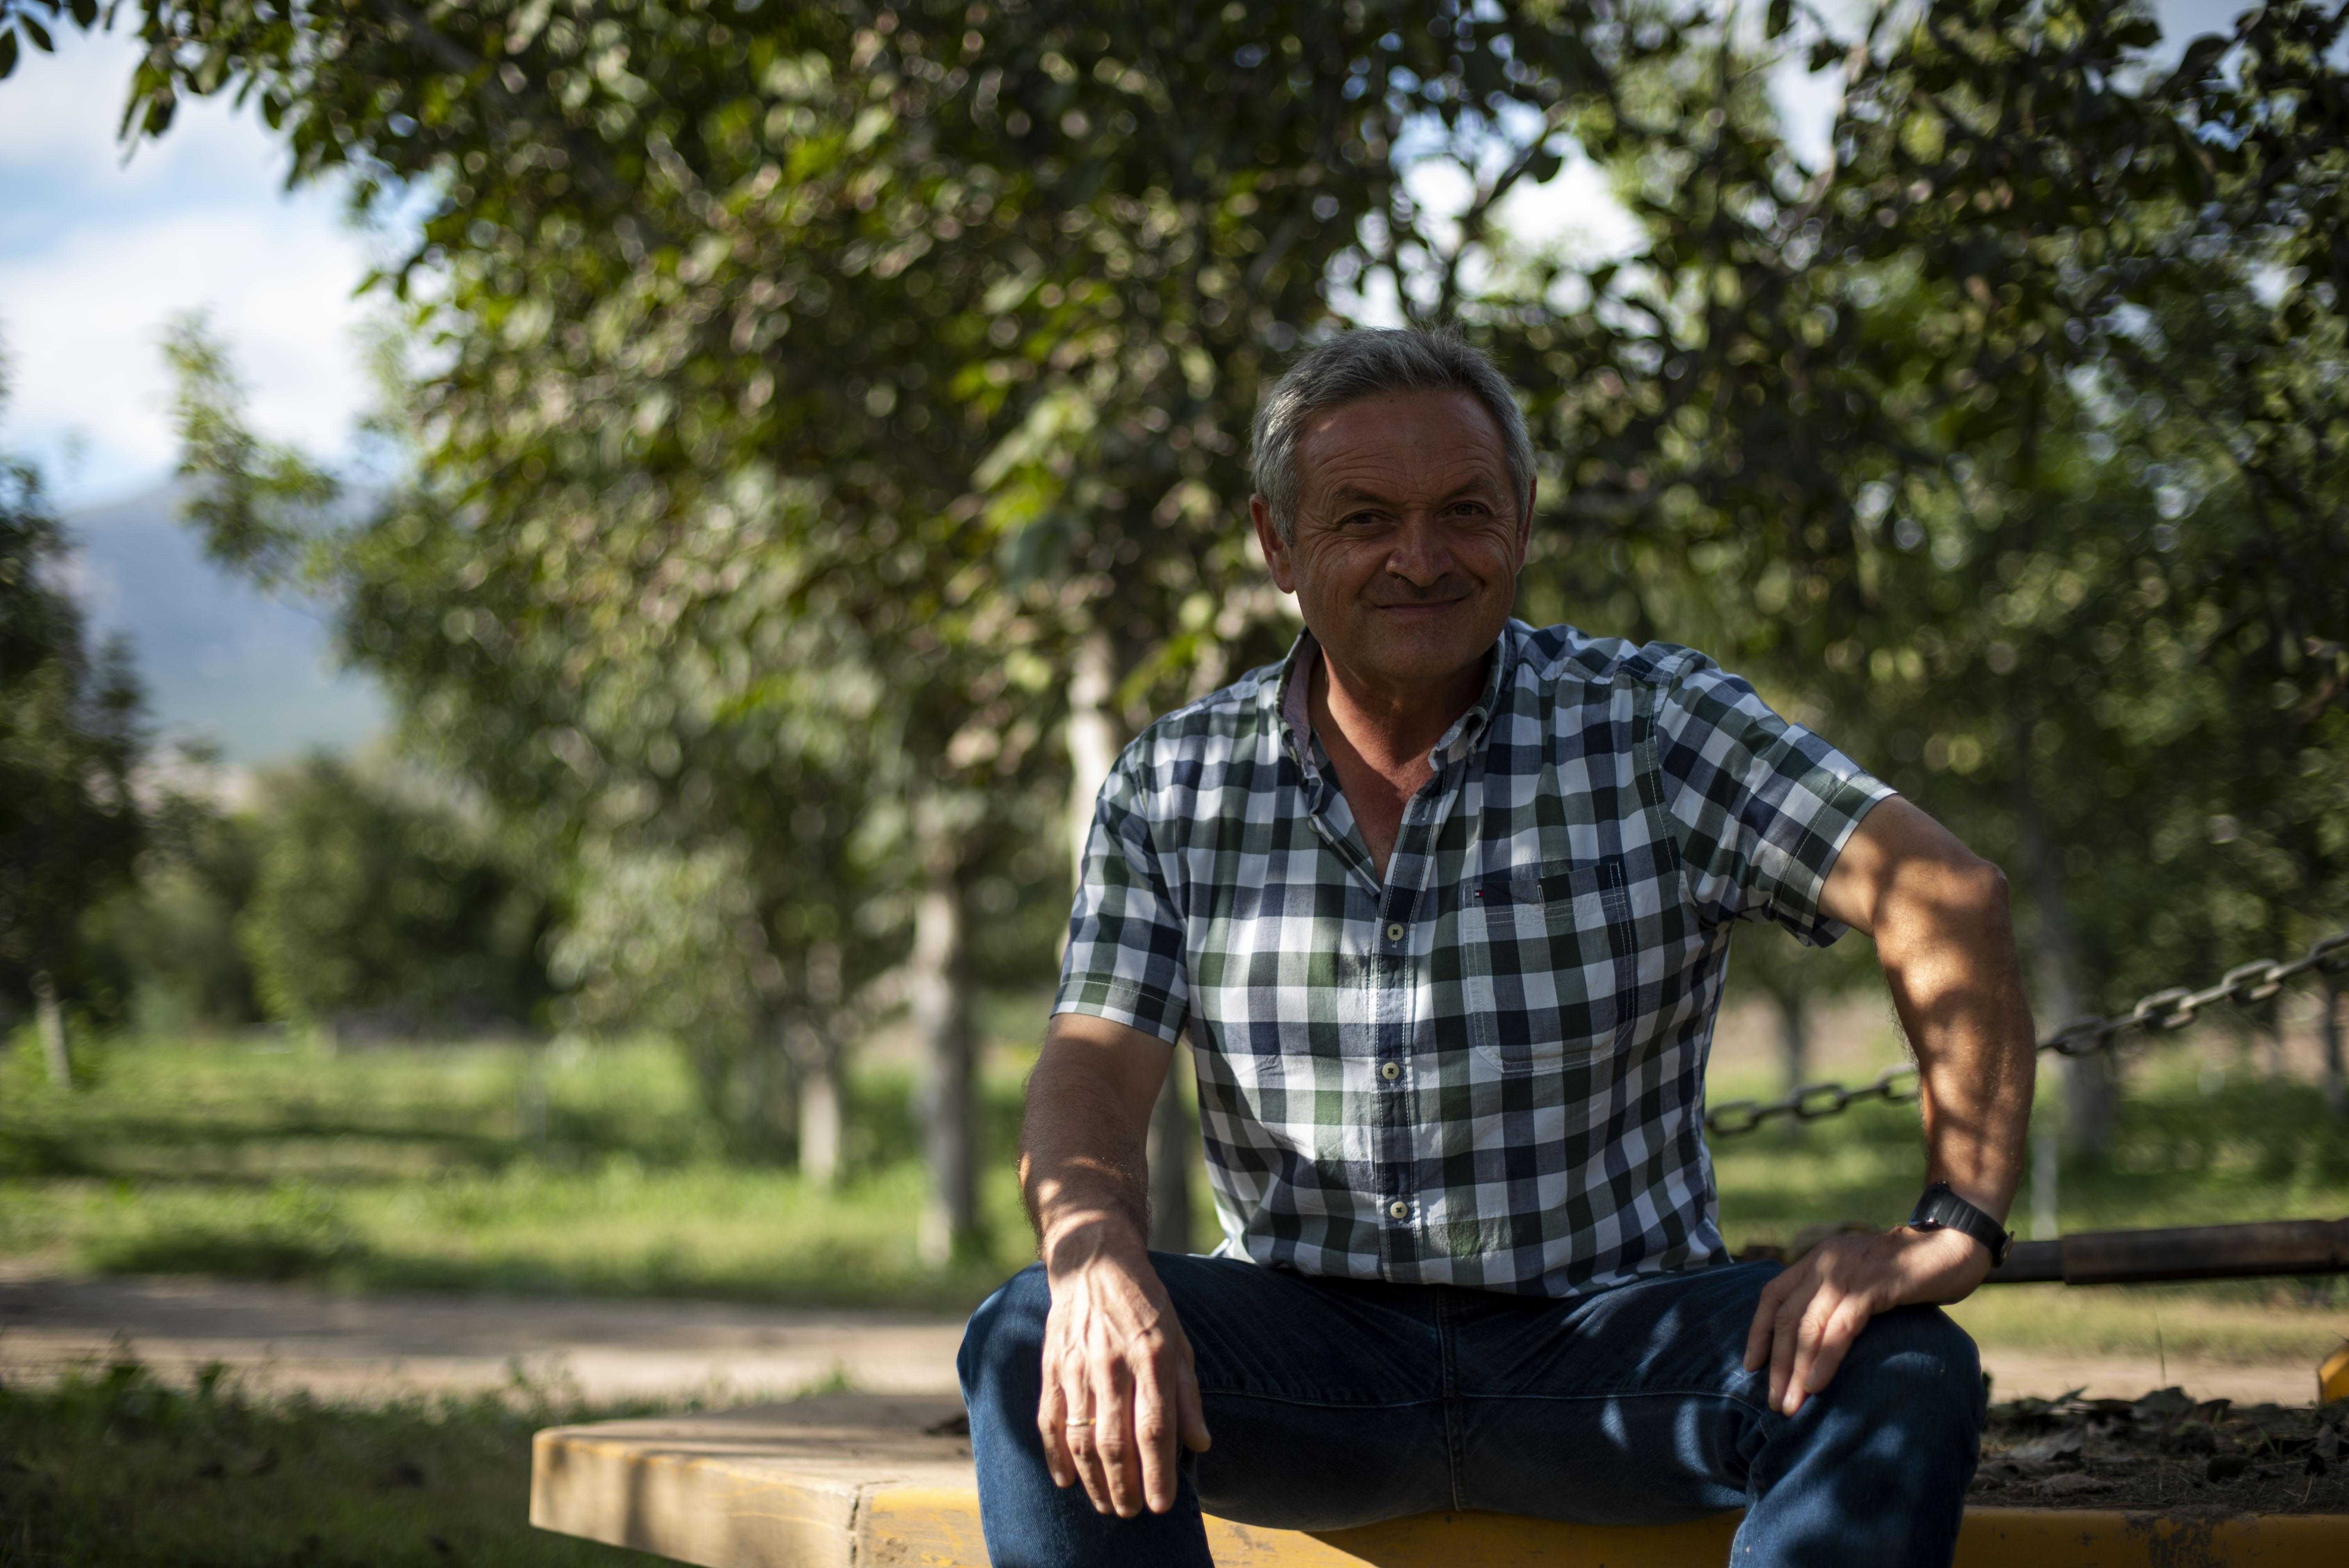 Cristobal-president-of-Alvelal